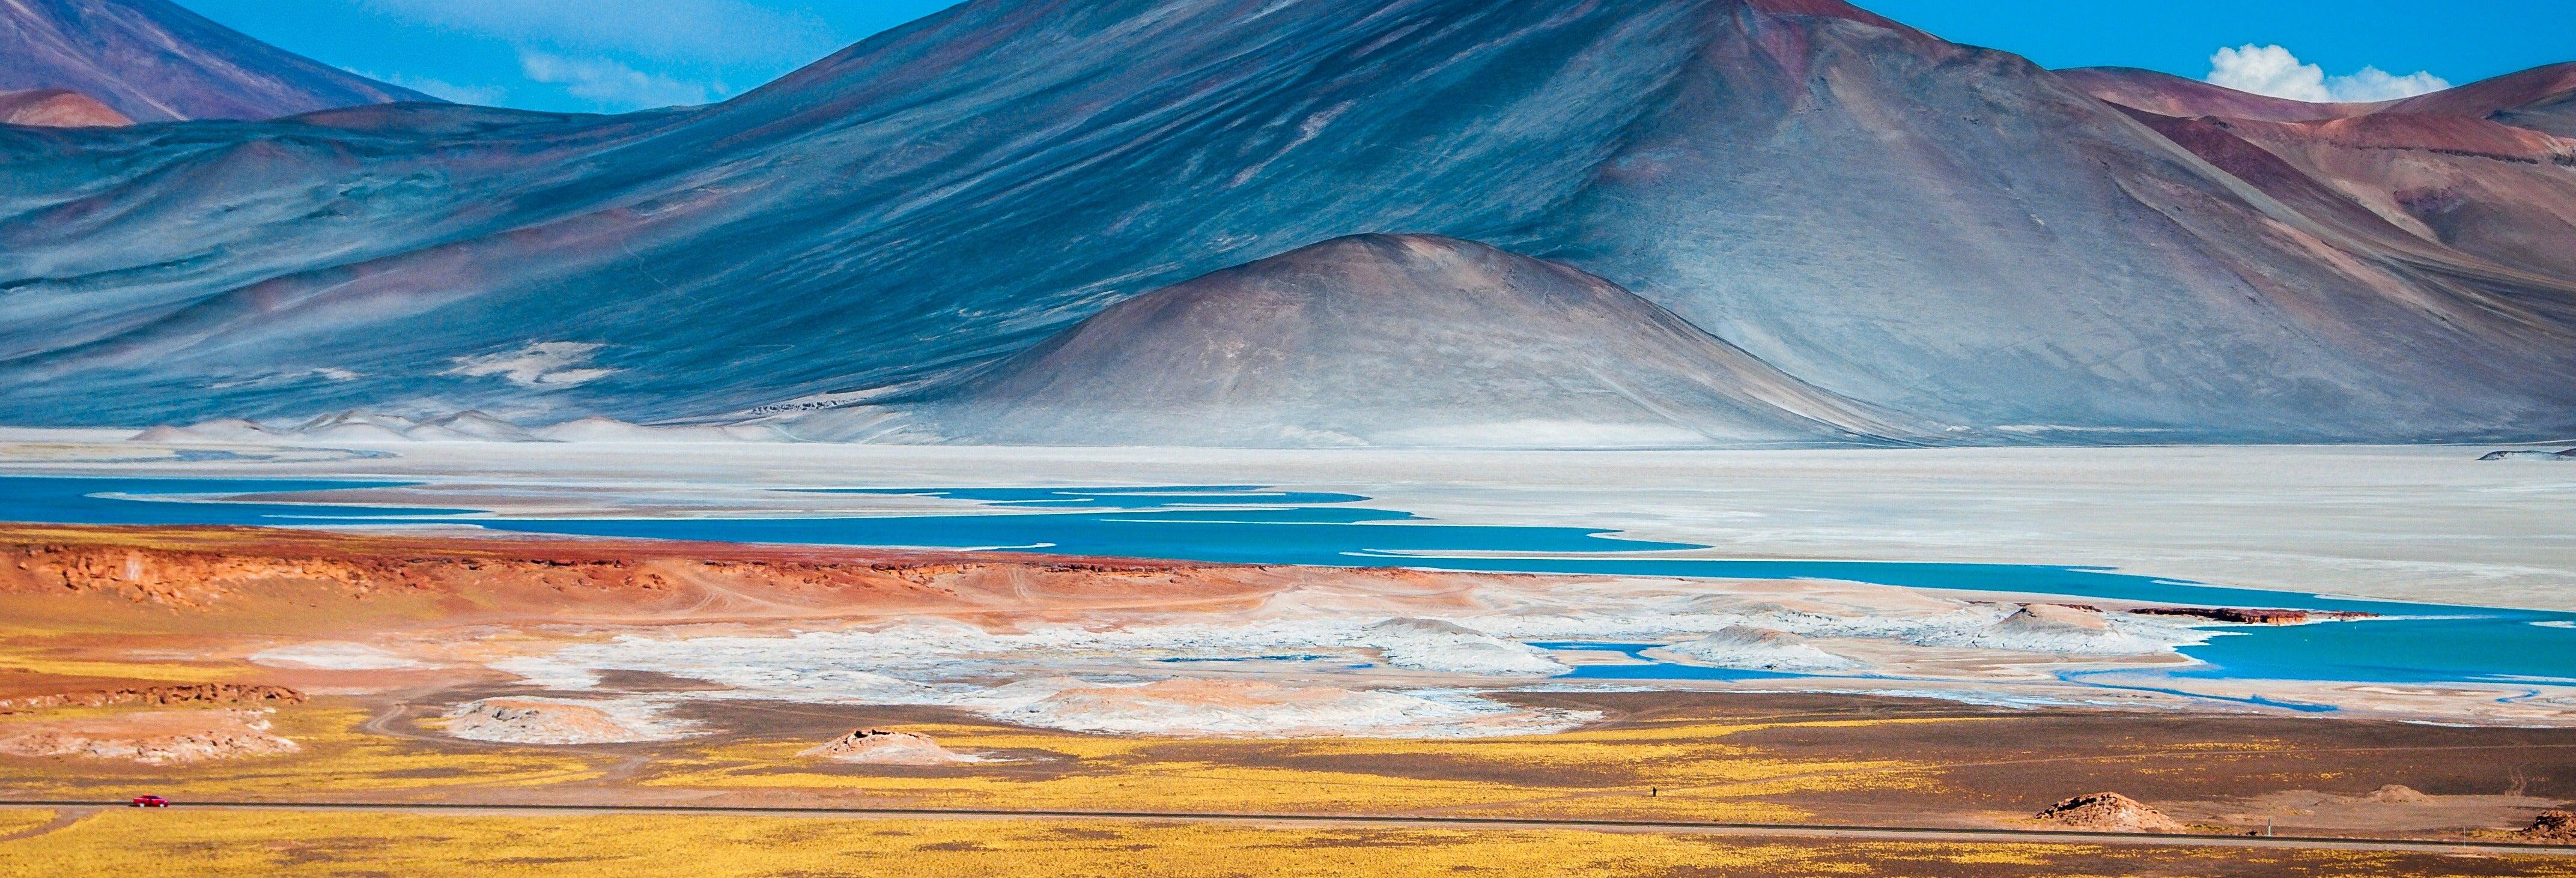 Piedras Rojas, Salar de Atacama y lagos del altiplano